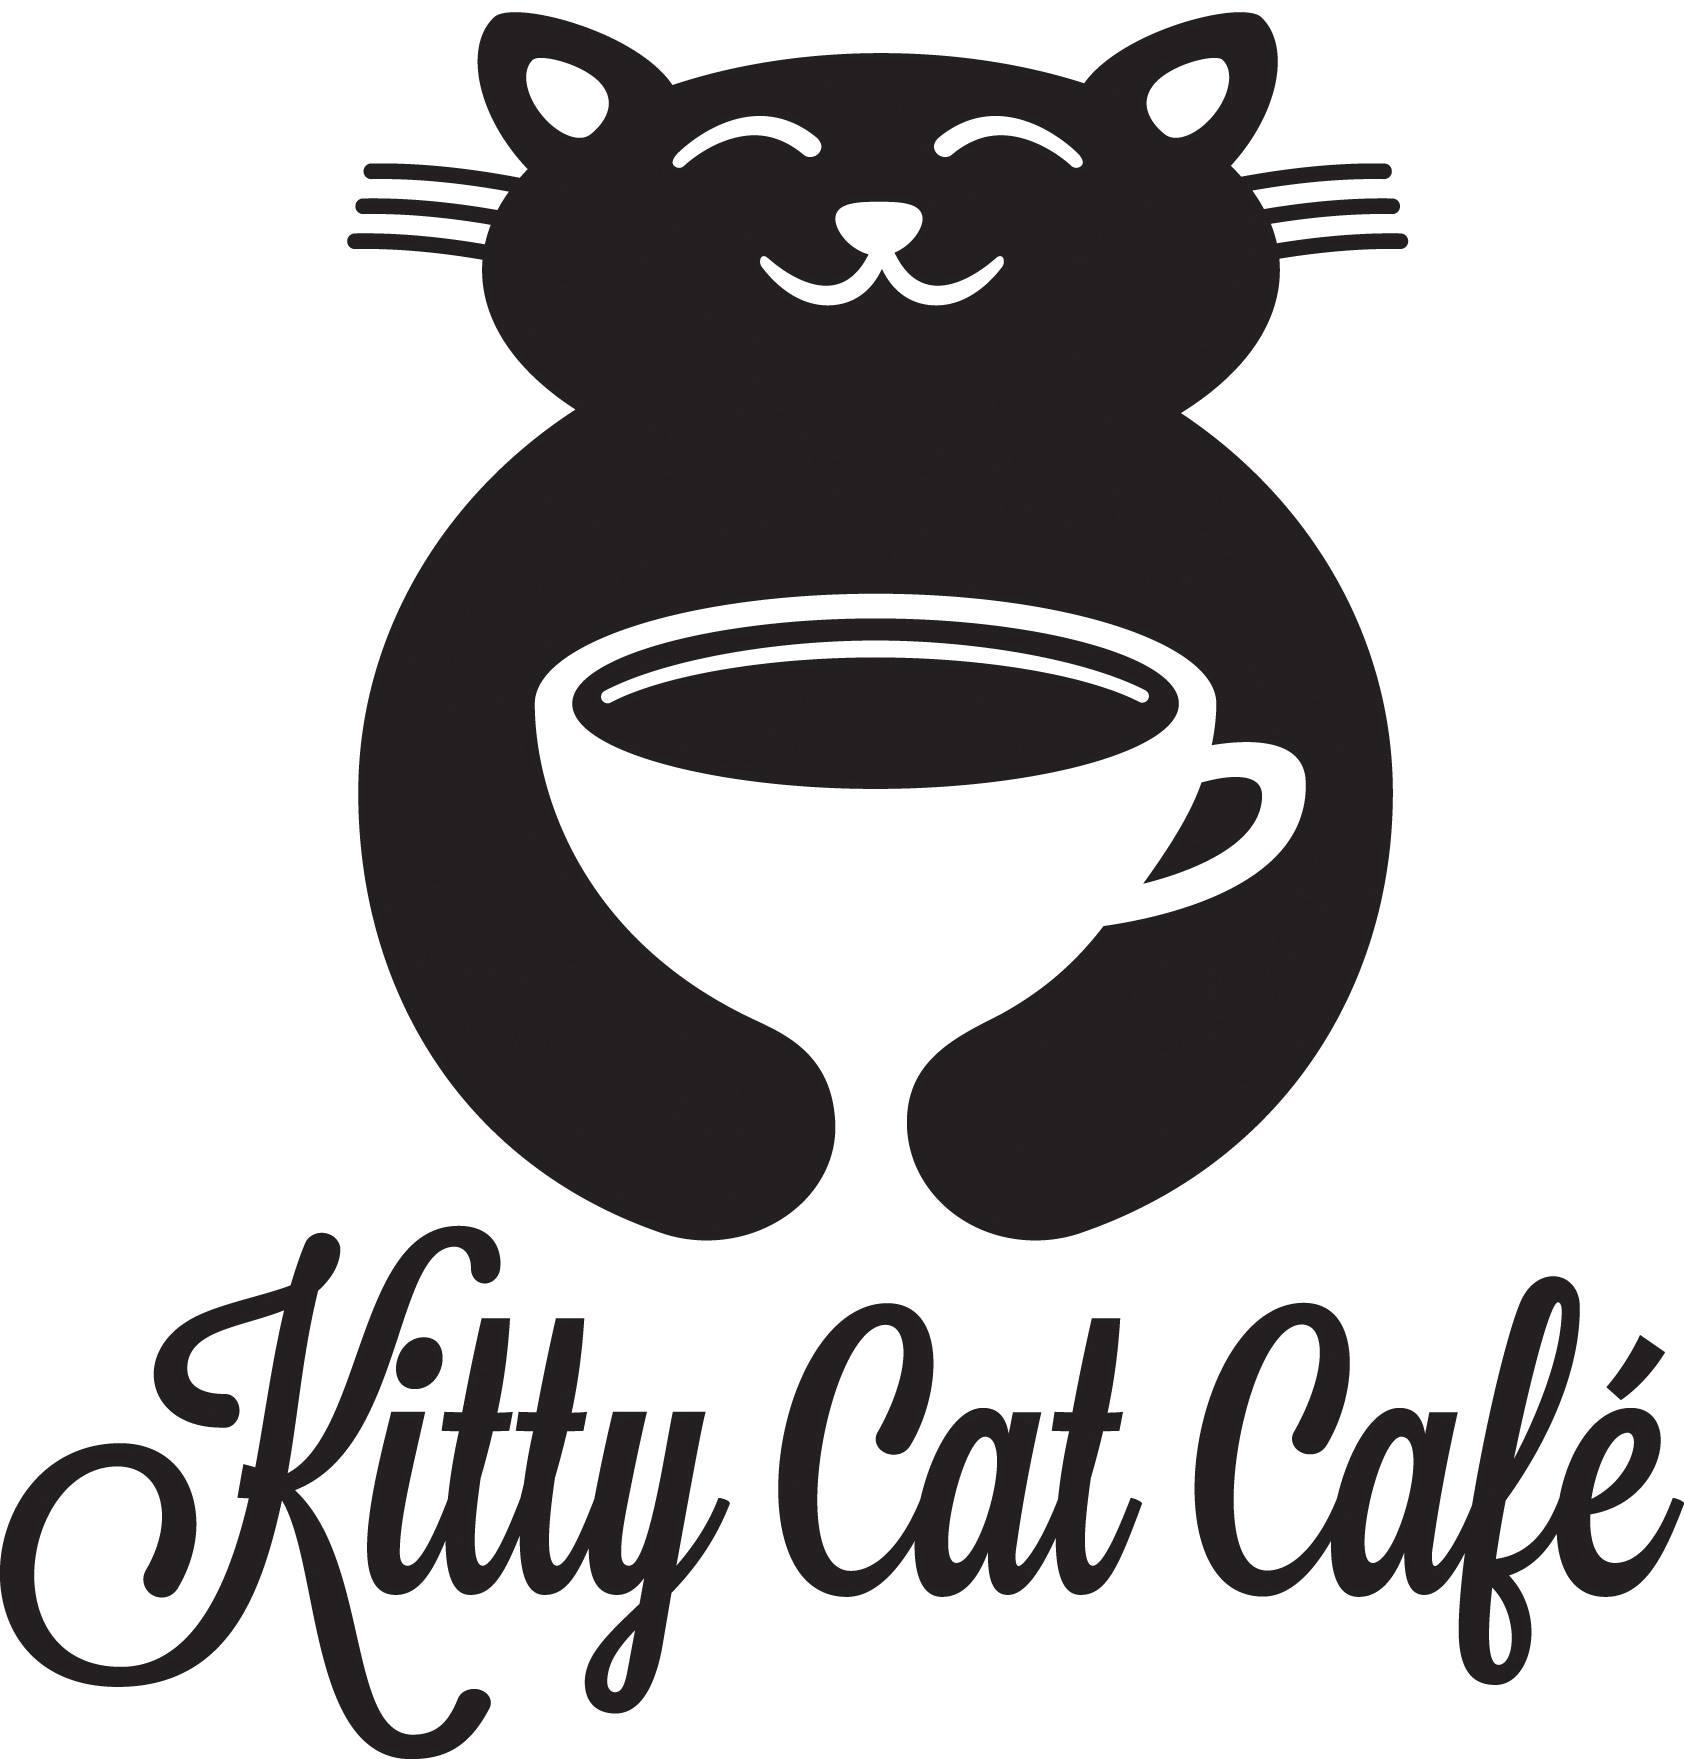 Kitty cat cafe logo